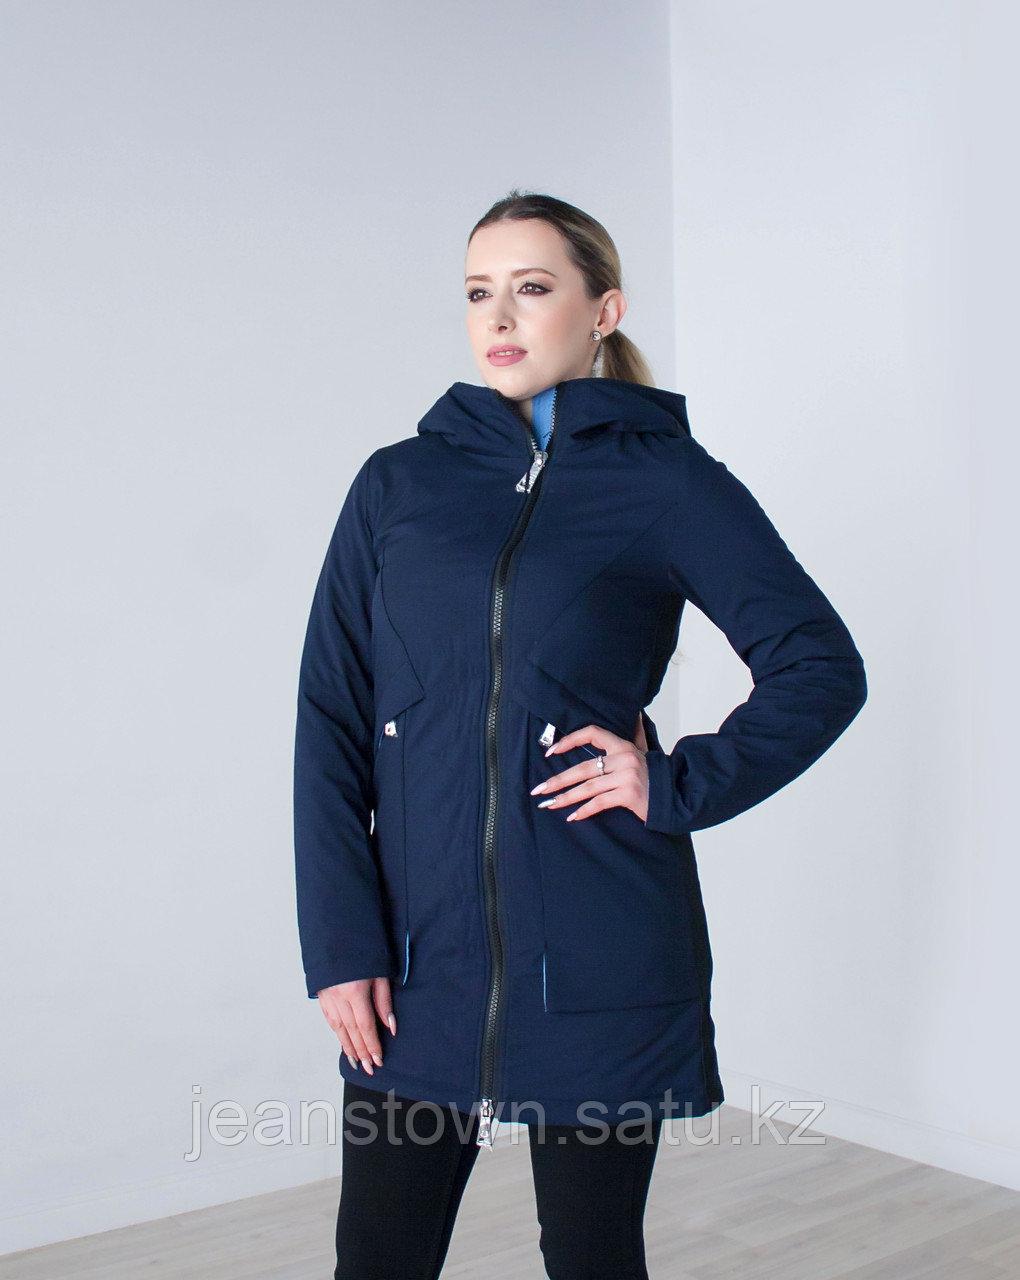 Куртка женская демисезонная  Evacana серая